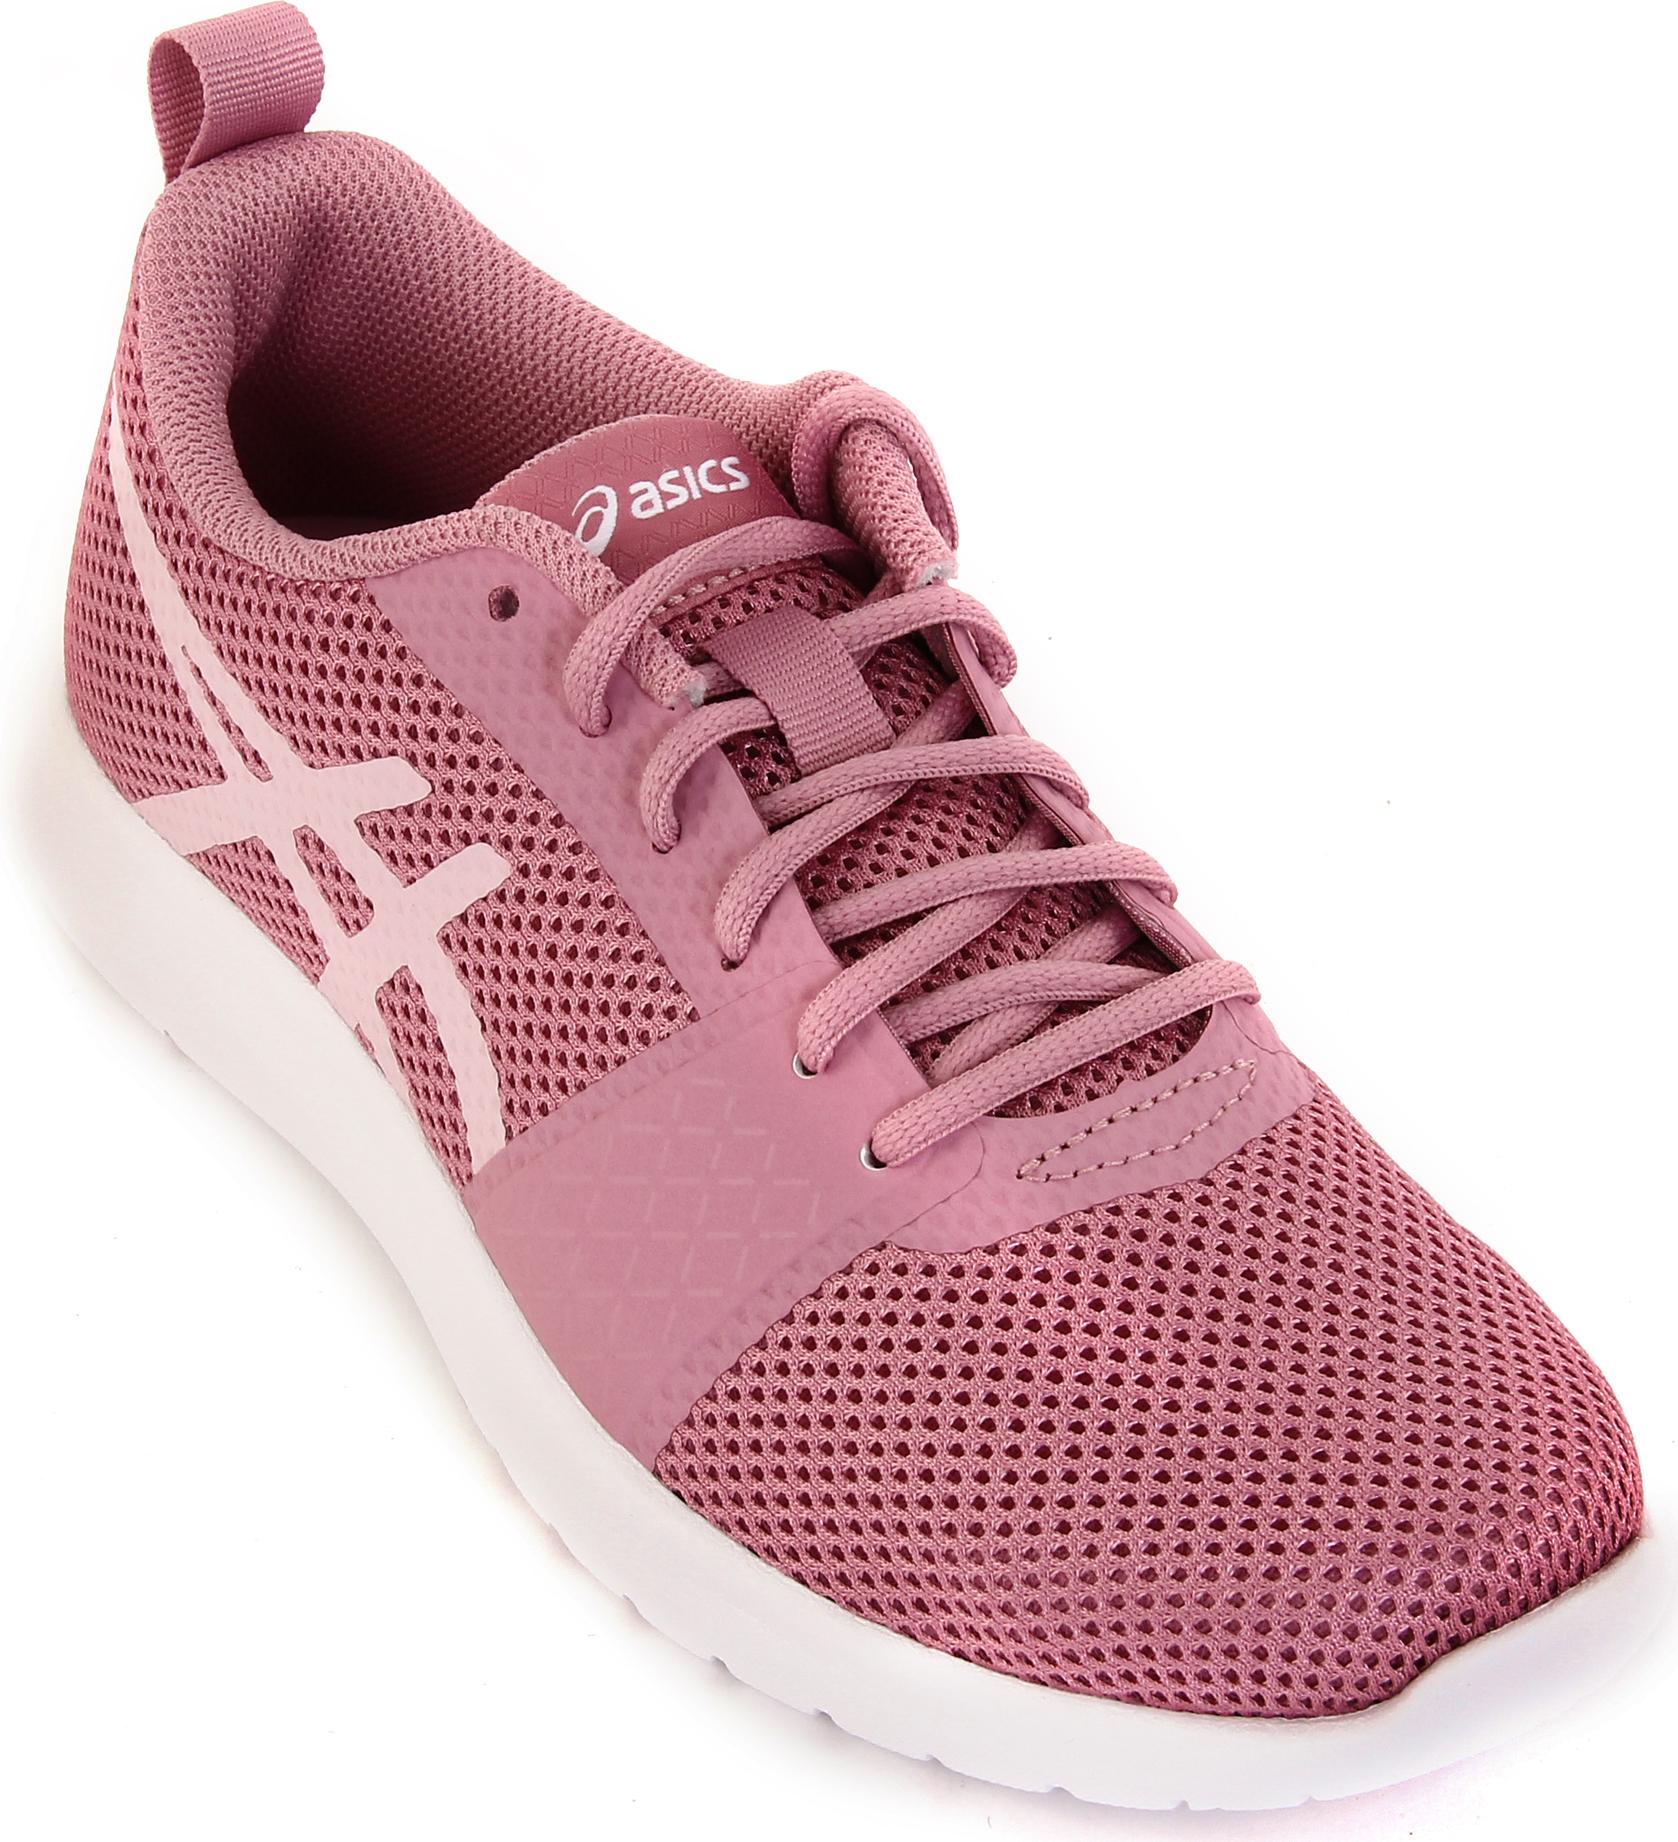 Кроссовки женские Asics Kanmei MX, цвет: розовый. T899N-2020. 9H (40)T899N-2020Если вам необходима универсальная обувь для тренировок, Asics Kanmei MX – ваш выбор. Эту стильную модель с тканевым верхом и бесшовными верхними слоями можно носить каждый день, так как она отличается легкостью и воздухопроницаемостью.Промежуточная подошва EVA придает минималистскому дизайну форму и функциональность, а классический фирменный логотип делает модель стильной.